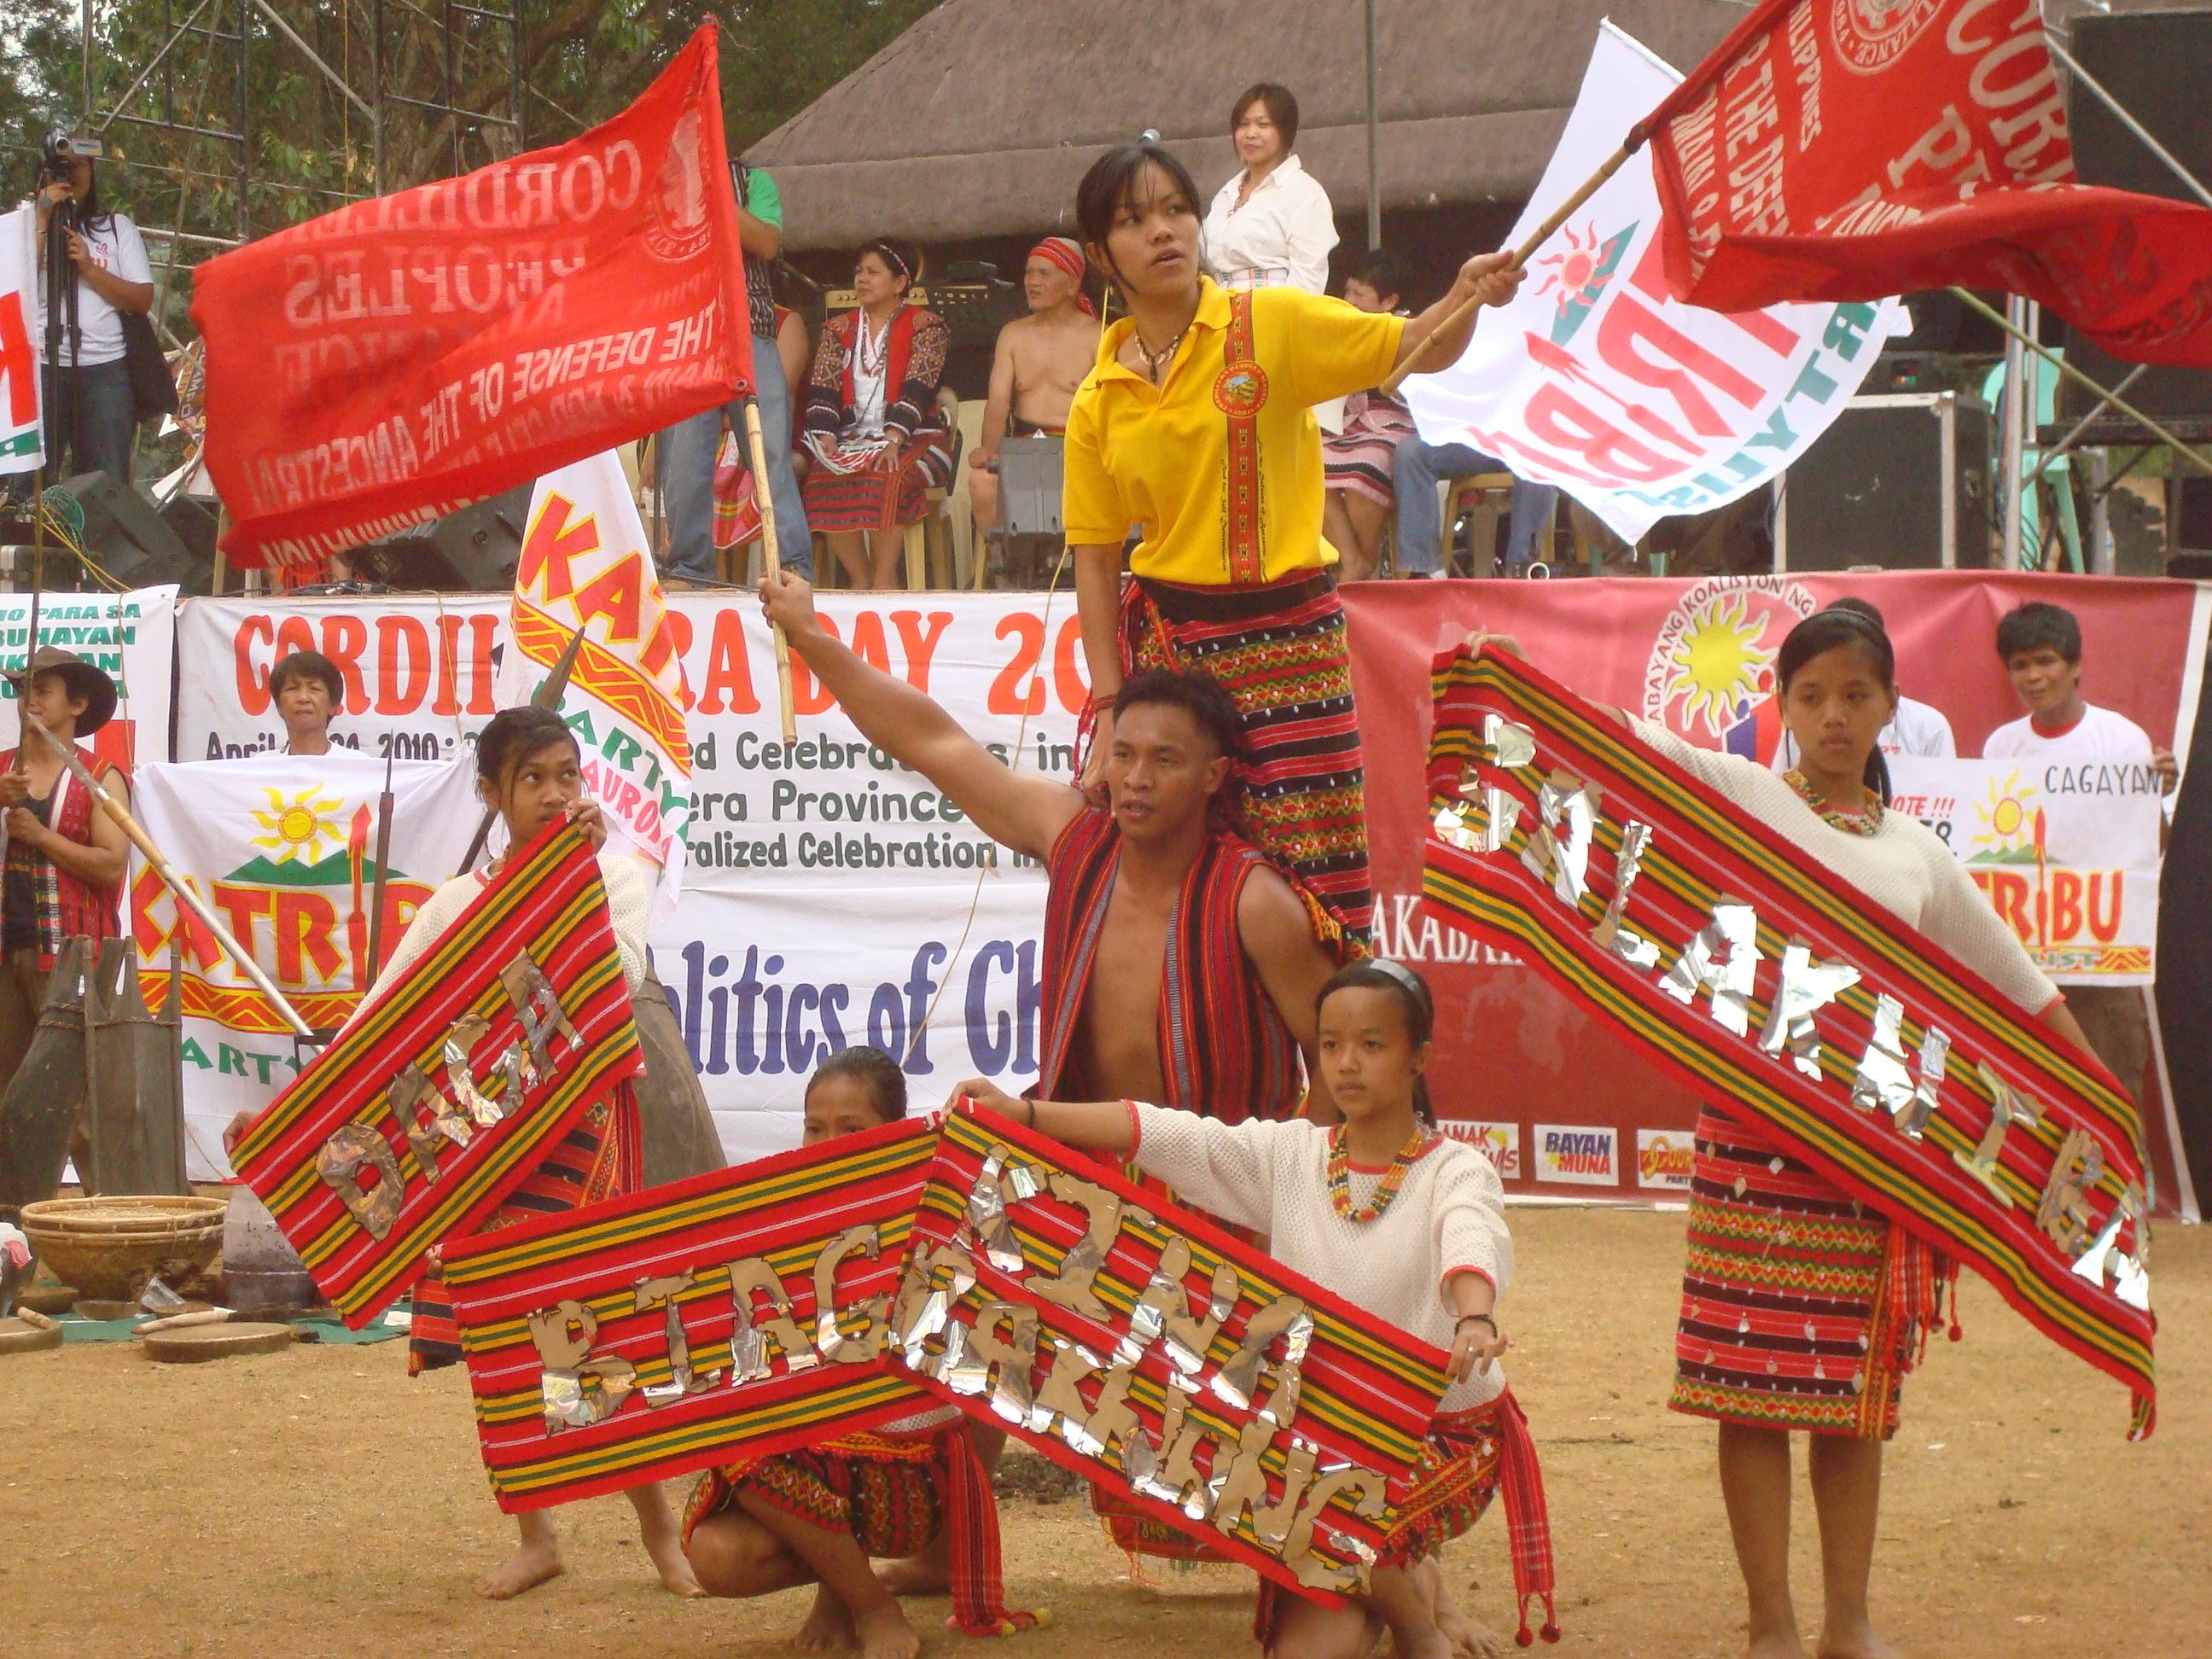 Cordillera Day